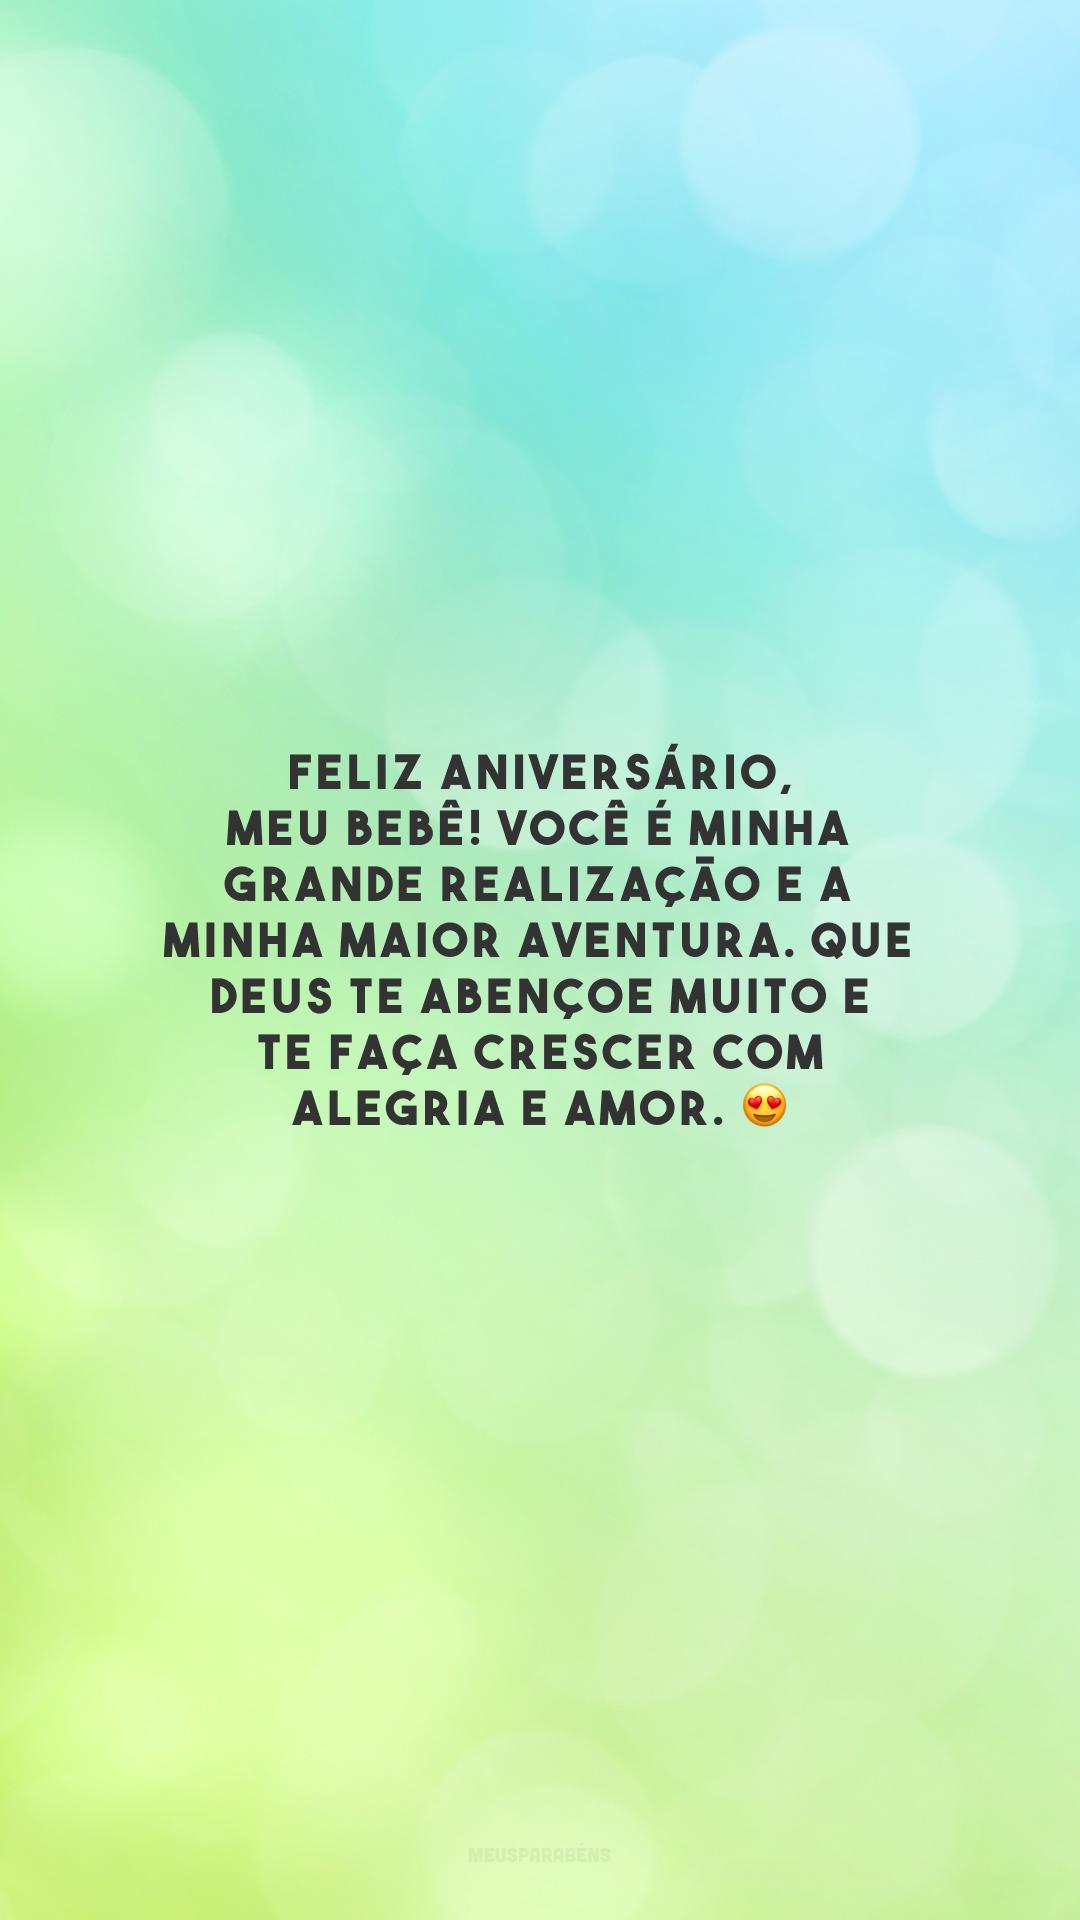 Feliz aniversário, meu bebê! Você é minha grande realização e a minha maior aventura. Que Deus te abençoe muito e te faça crescer com alegria e amor. 😍